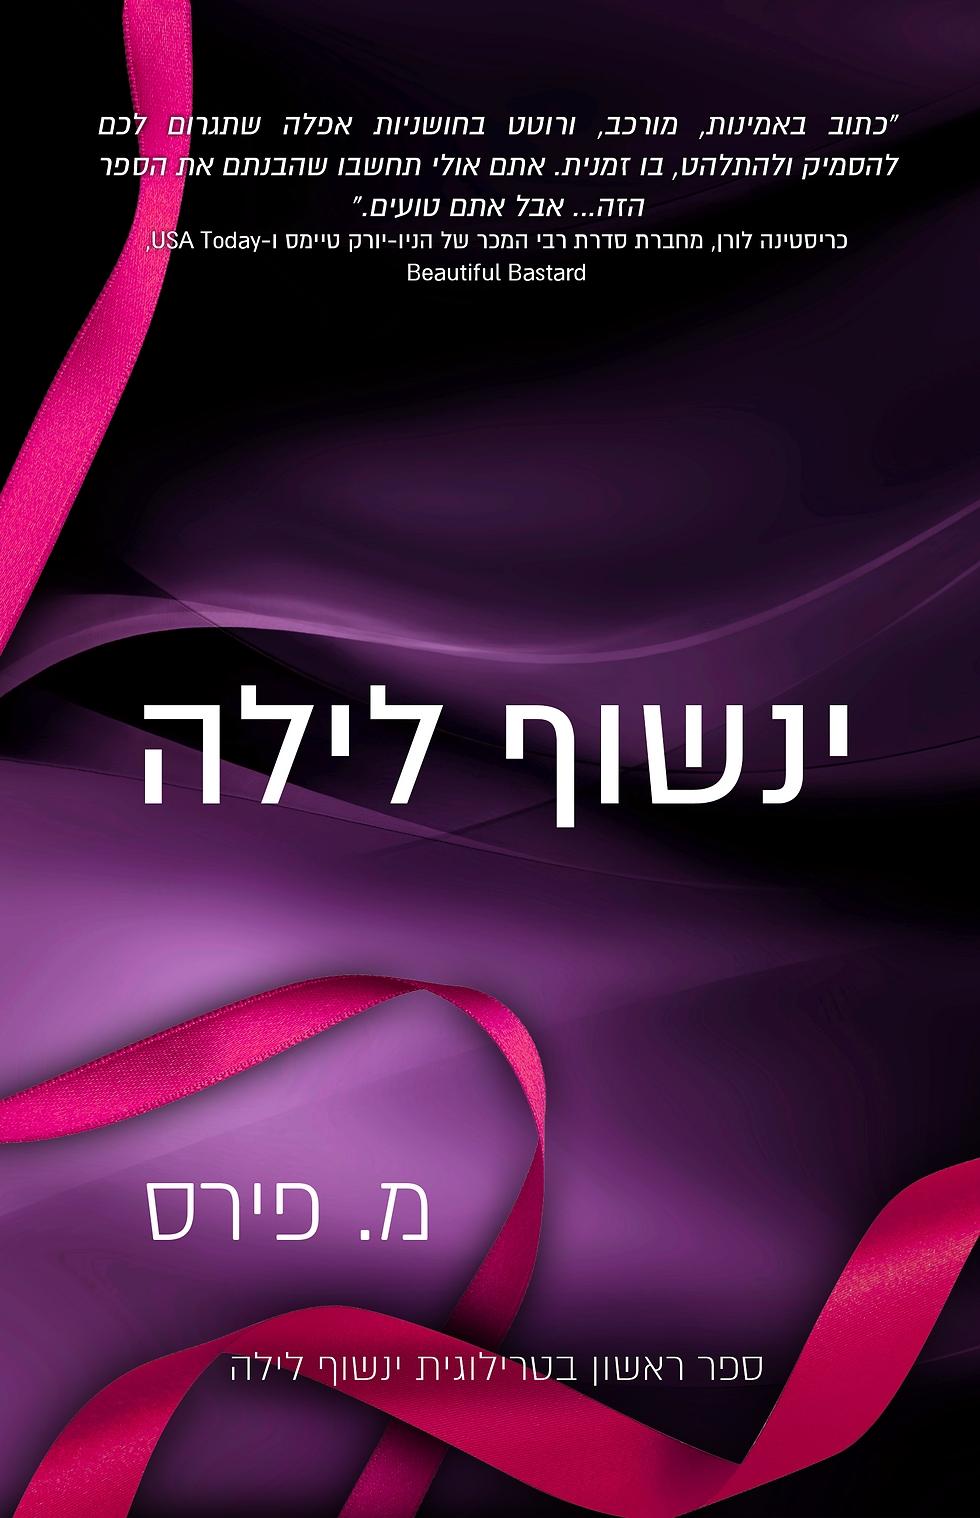 """עטיפת הספר """"ינשוף לילה"""" (צילום: באדיבות הוצאות אהבות)"""